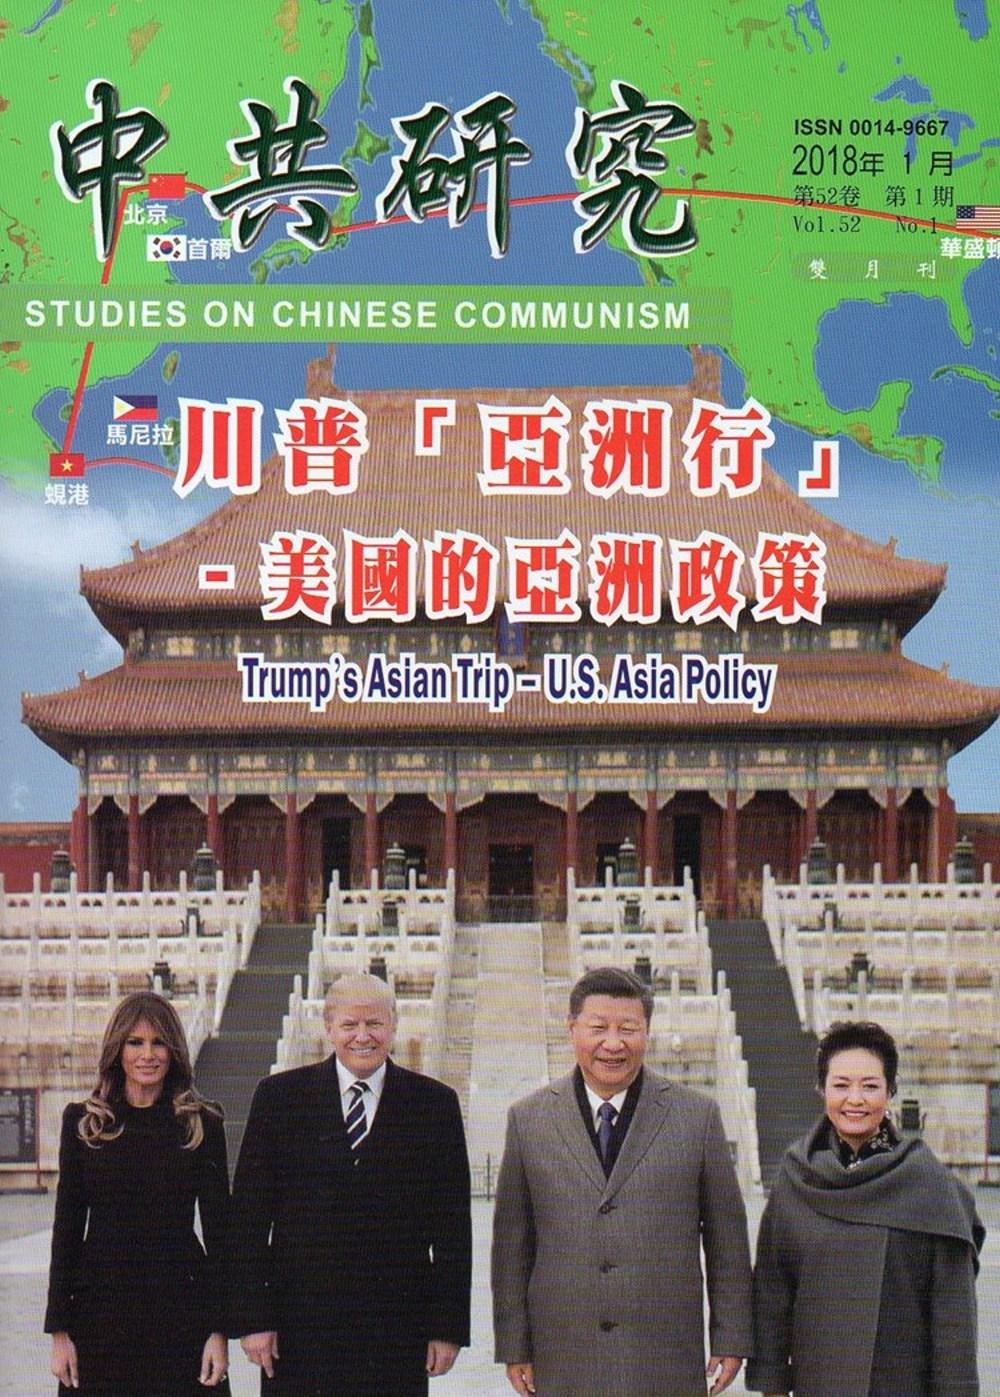 《中共研究雙月刊第52卷01期(107/01)》